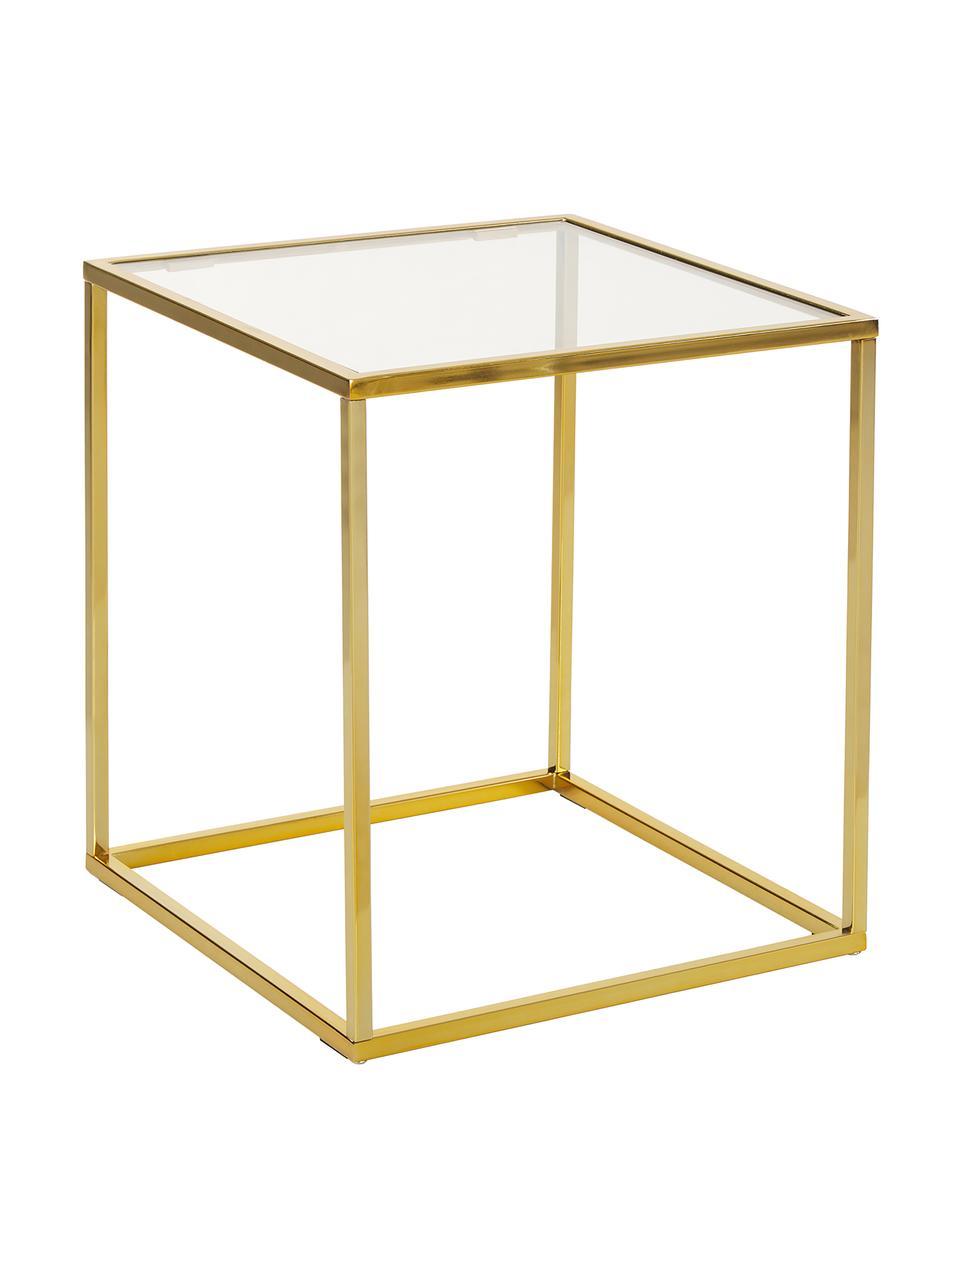 Table d'appoint avec plateau en verre Maya, Plateau: verre, transparent Structure: couleur dorée, brillant